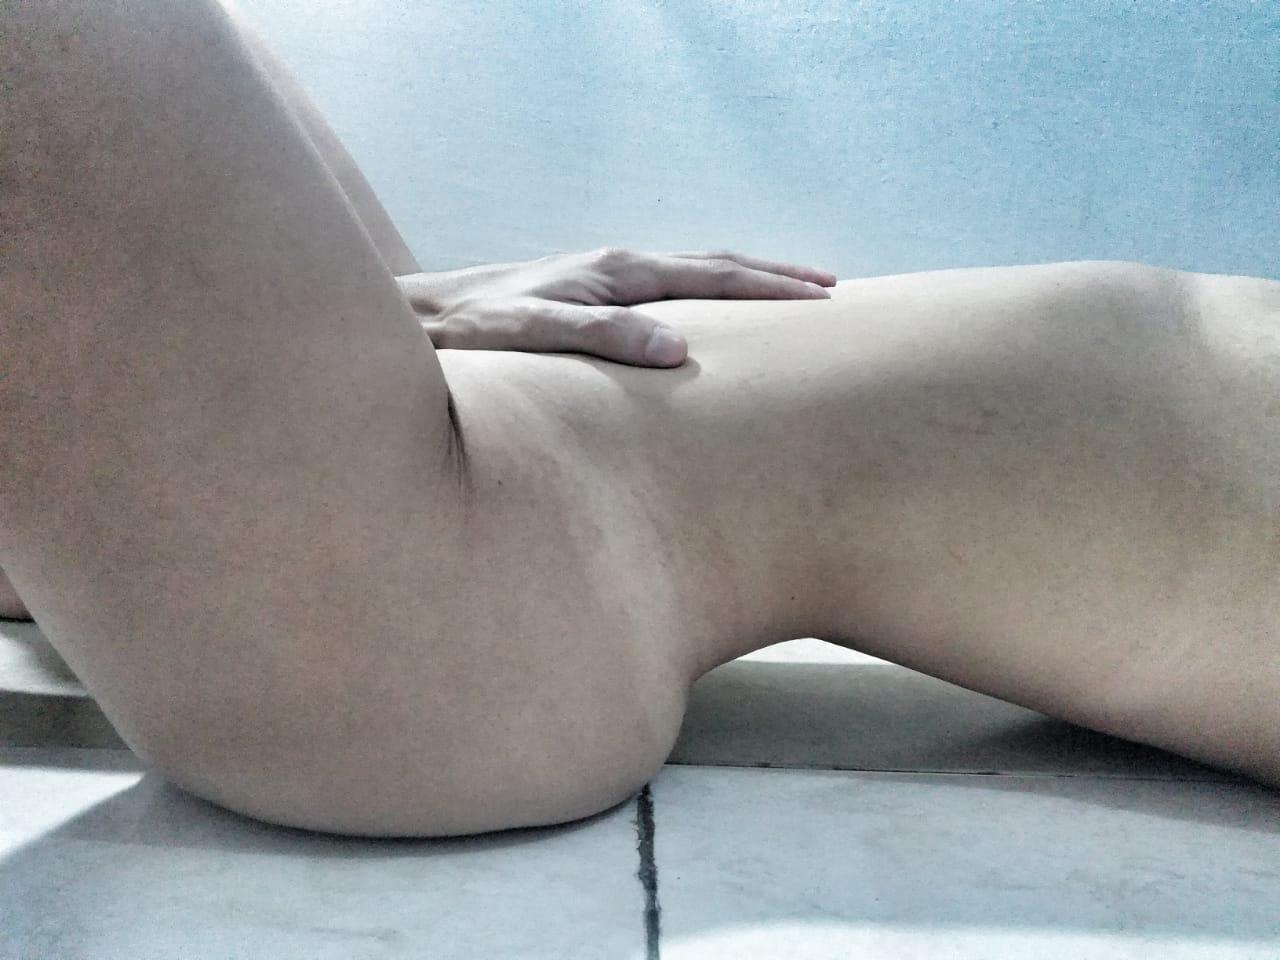 Sex horny?s=0h4titeonrixhnmzt234ifaq96mjctdsthveddv2xfk=